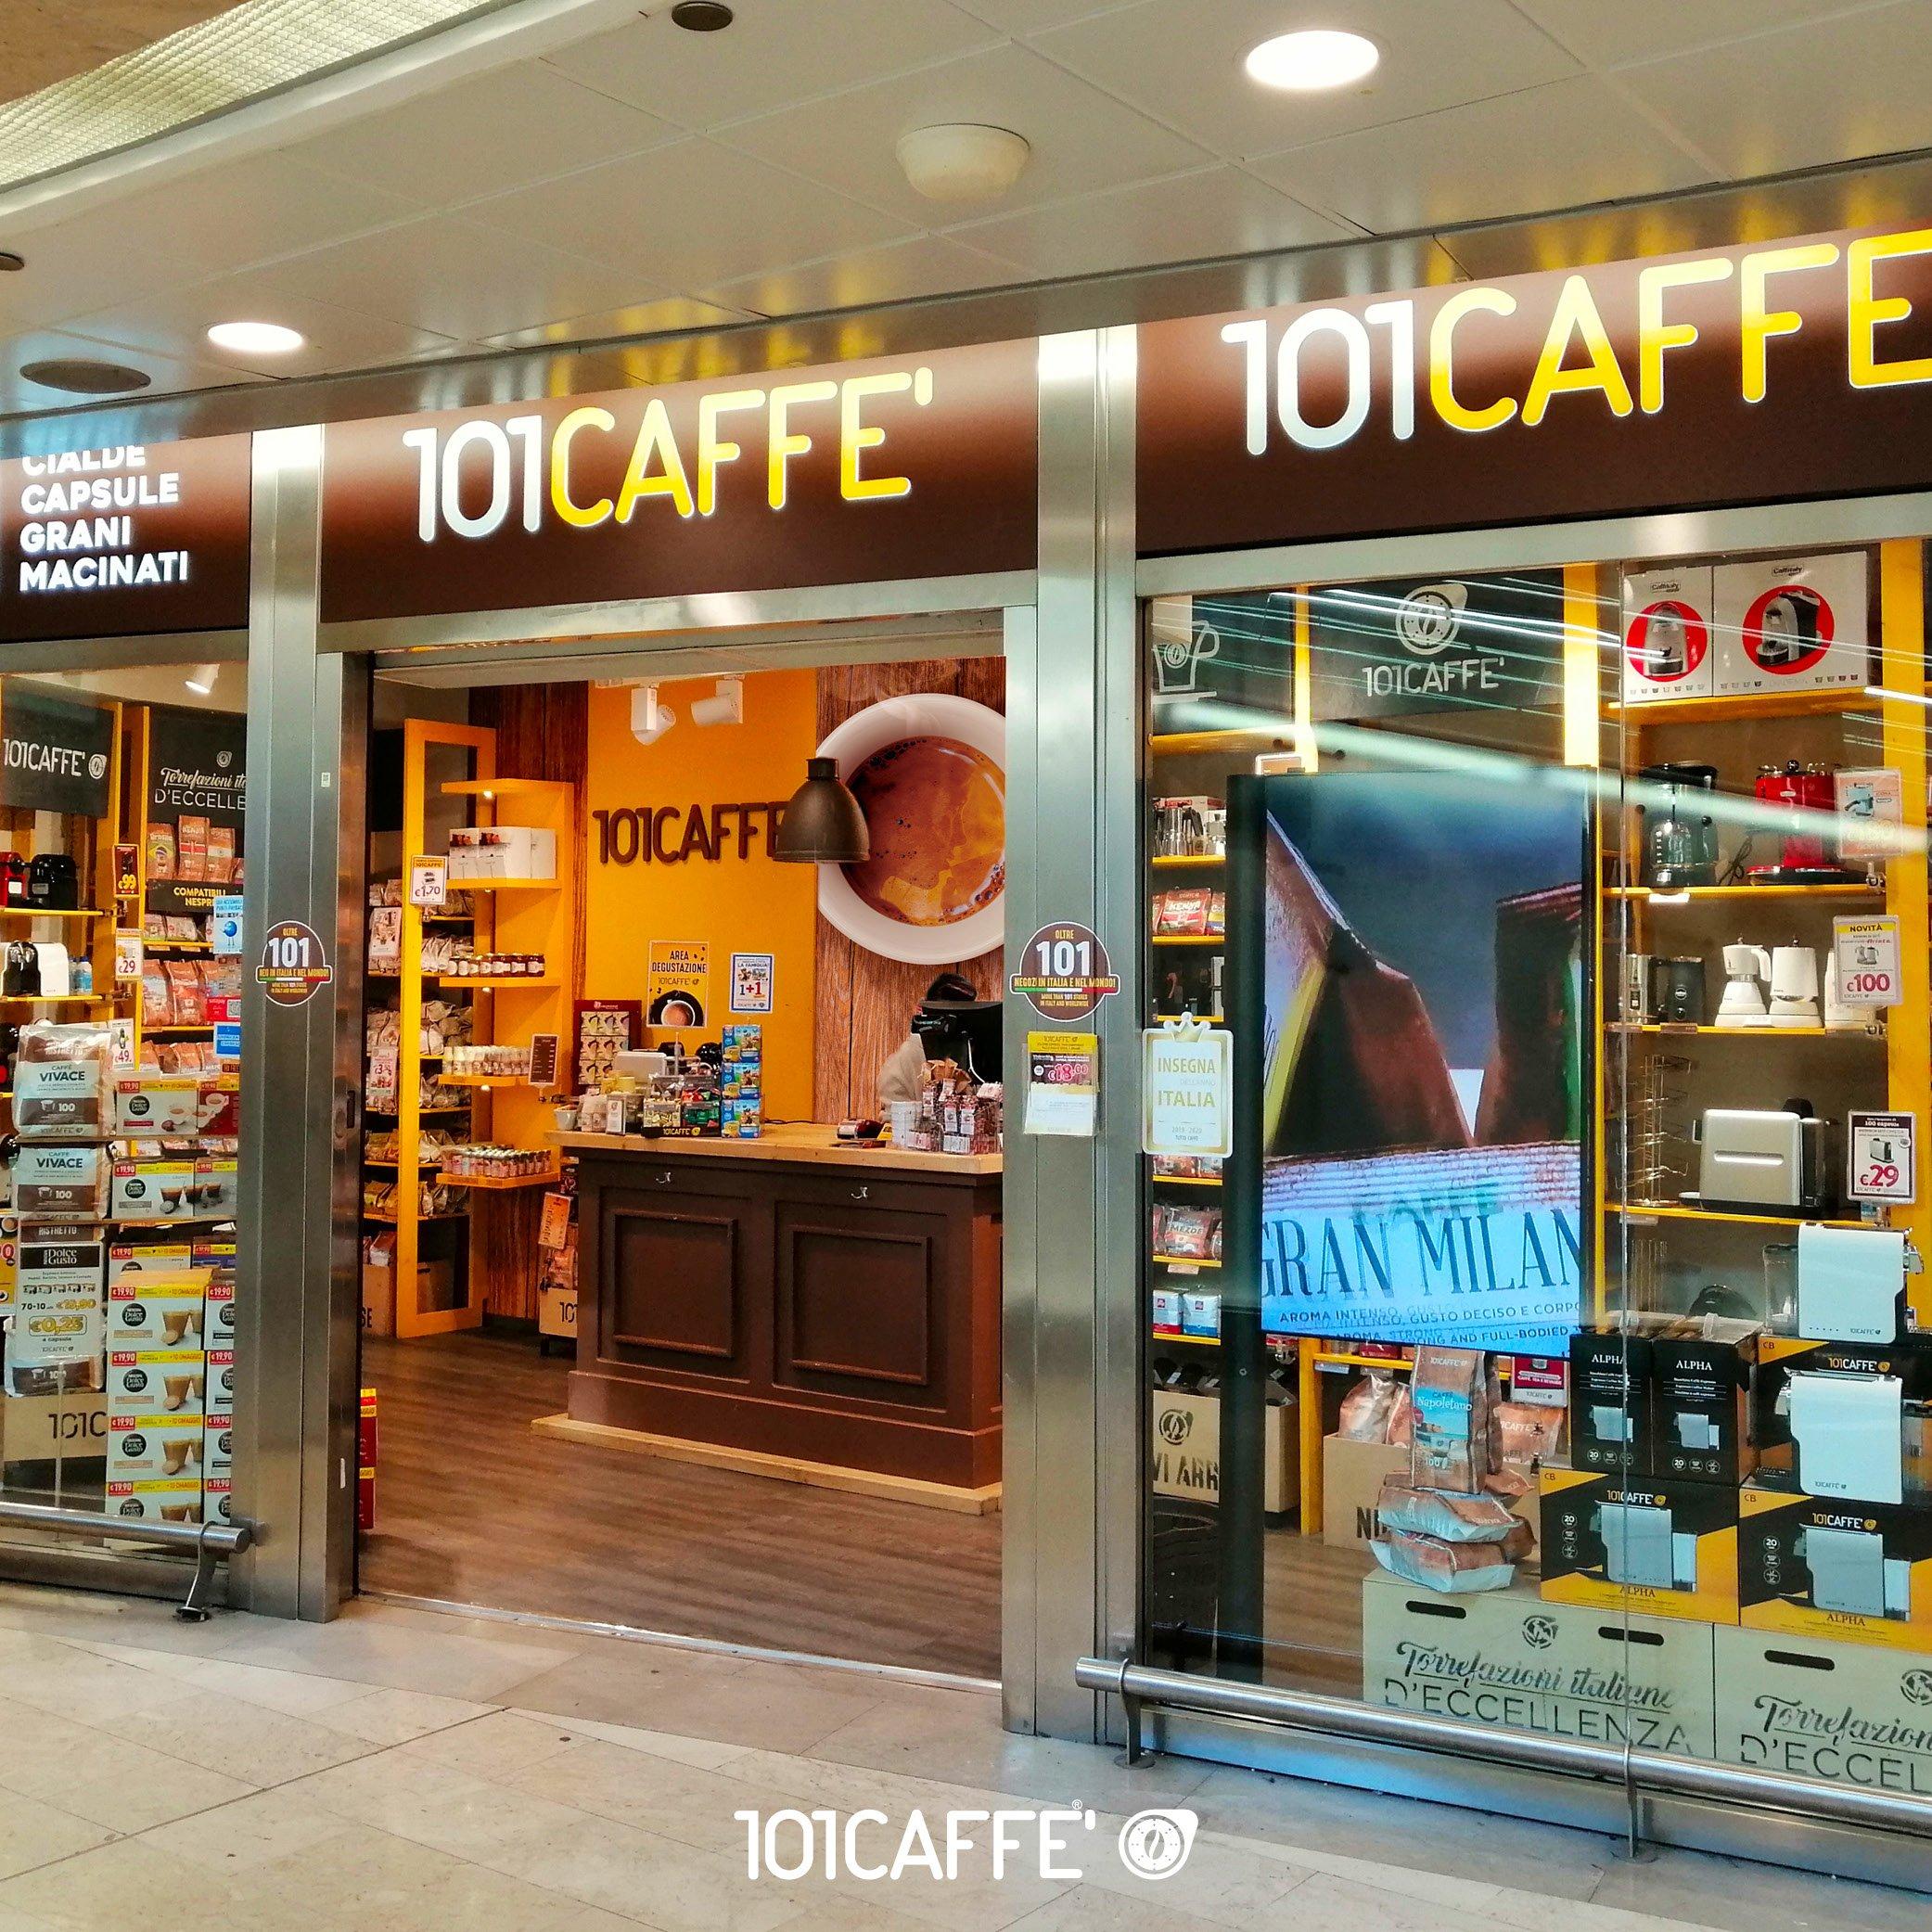 Negozio di cialde e capsule 101 CAFFE' in franchising